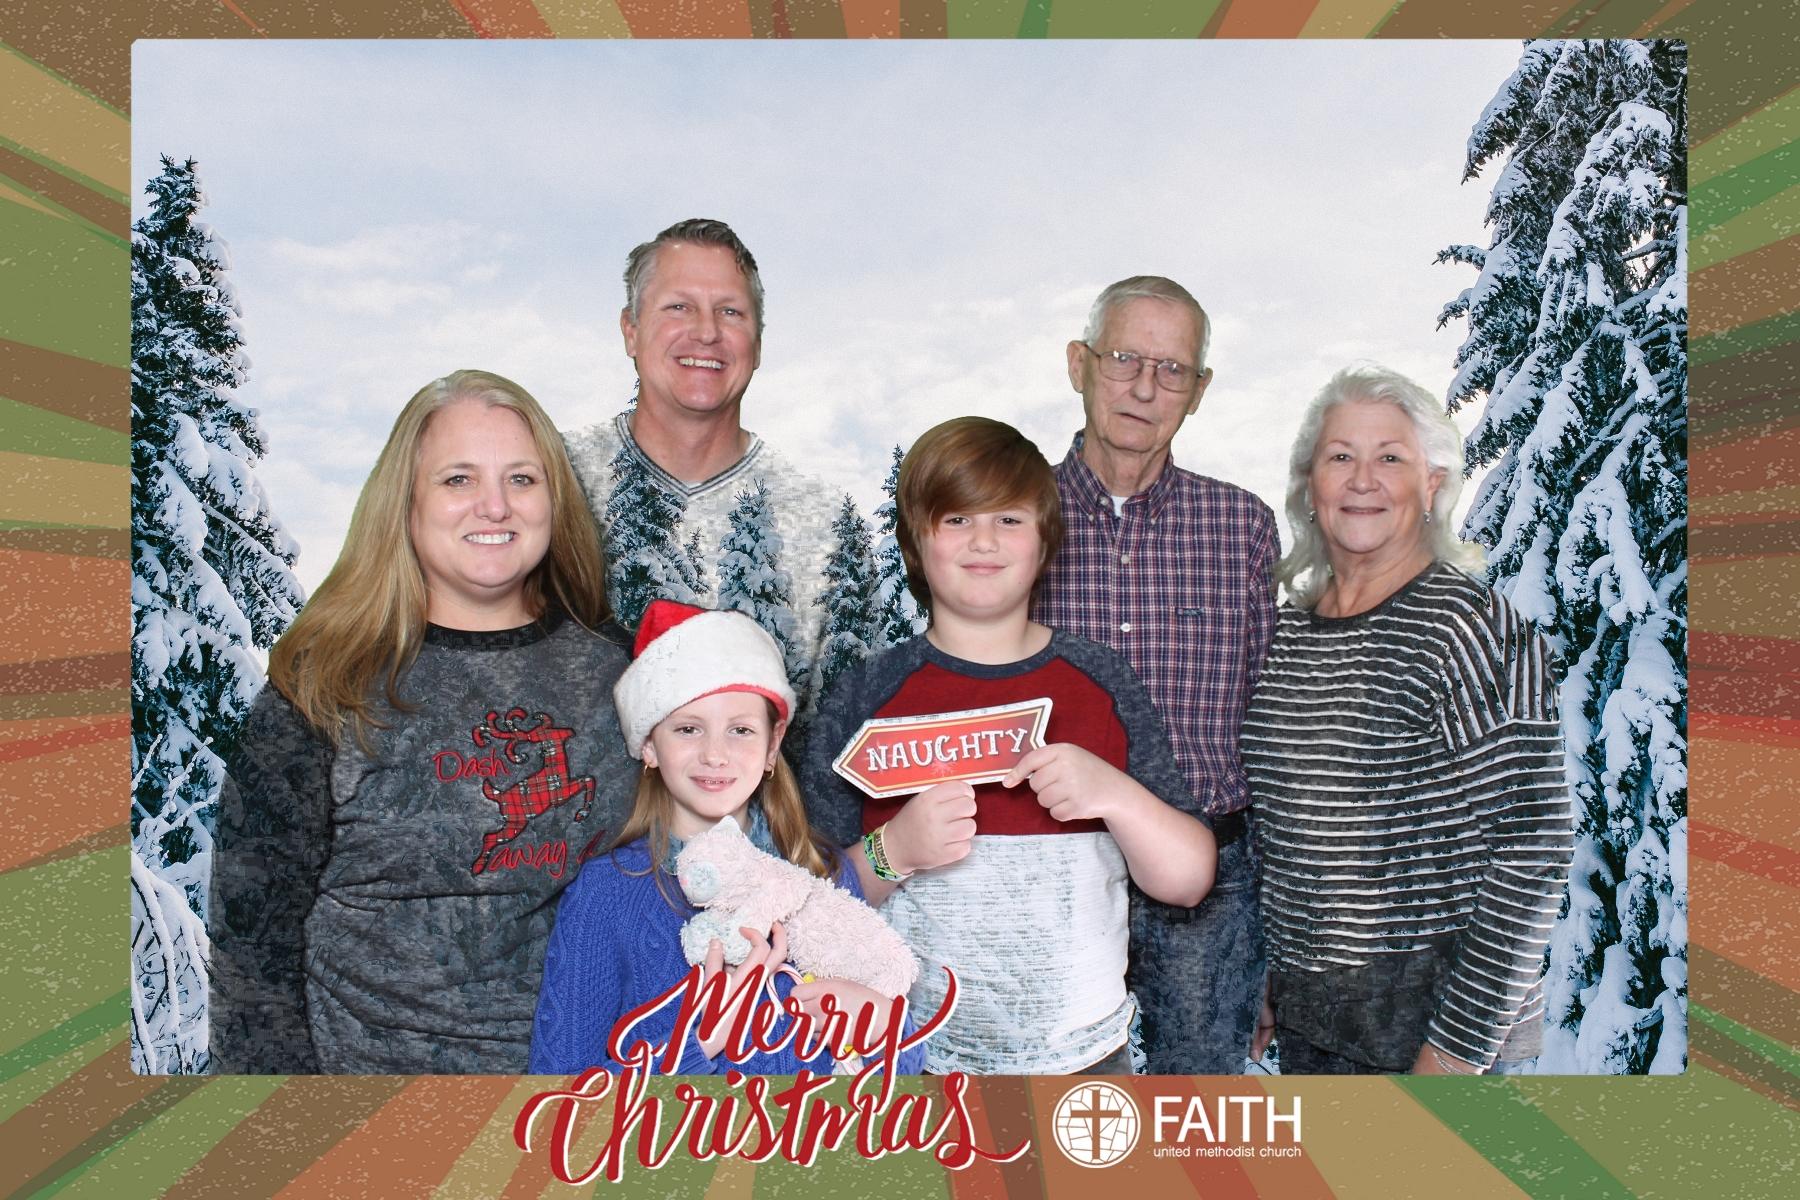 Faith2018_2018-12-24_16-44-16.jpg